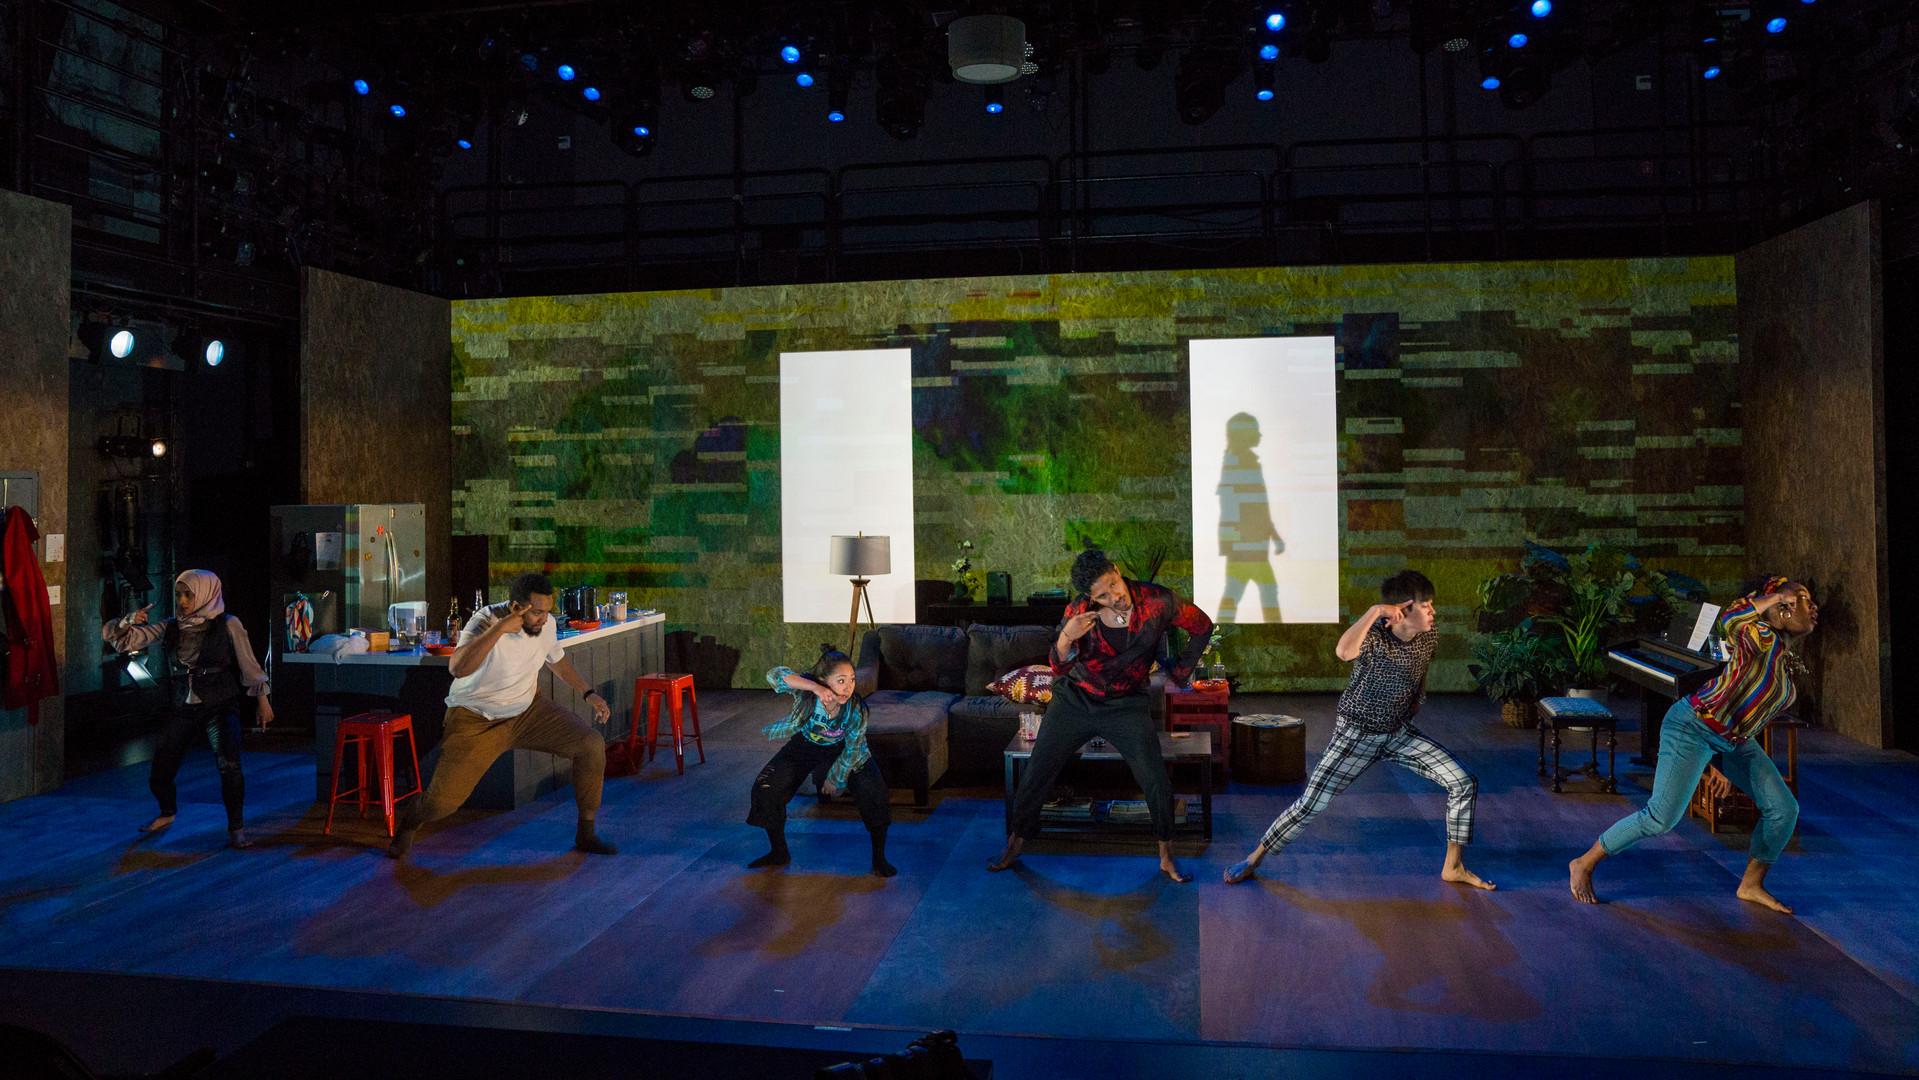 projection-designer-theatre_Locusts_LOCUSTS533.jpg